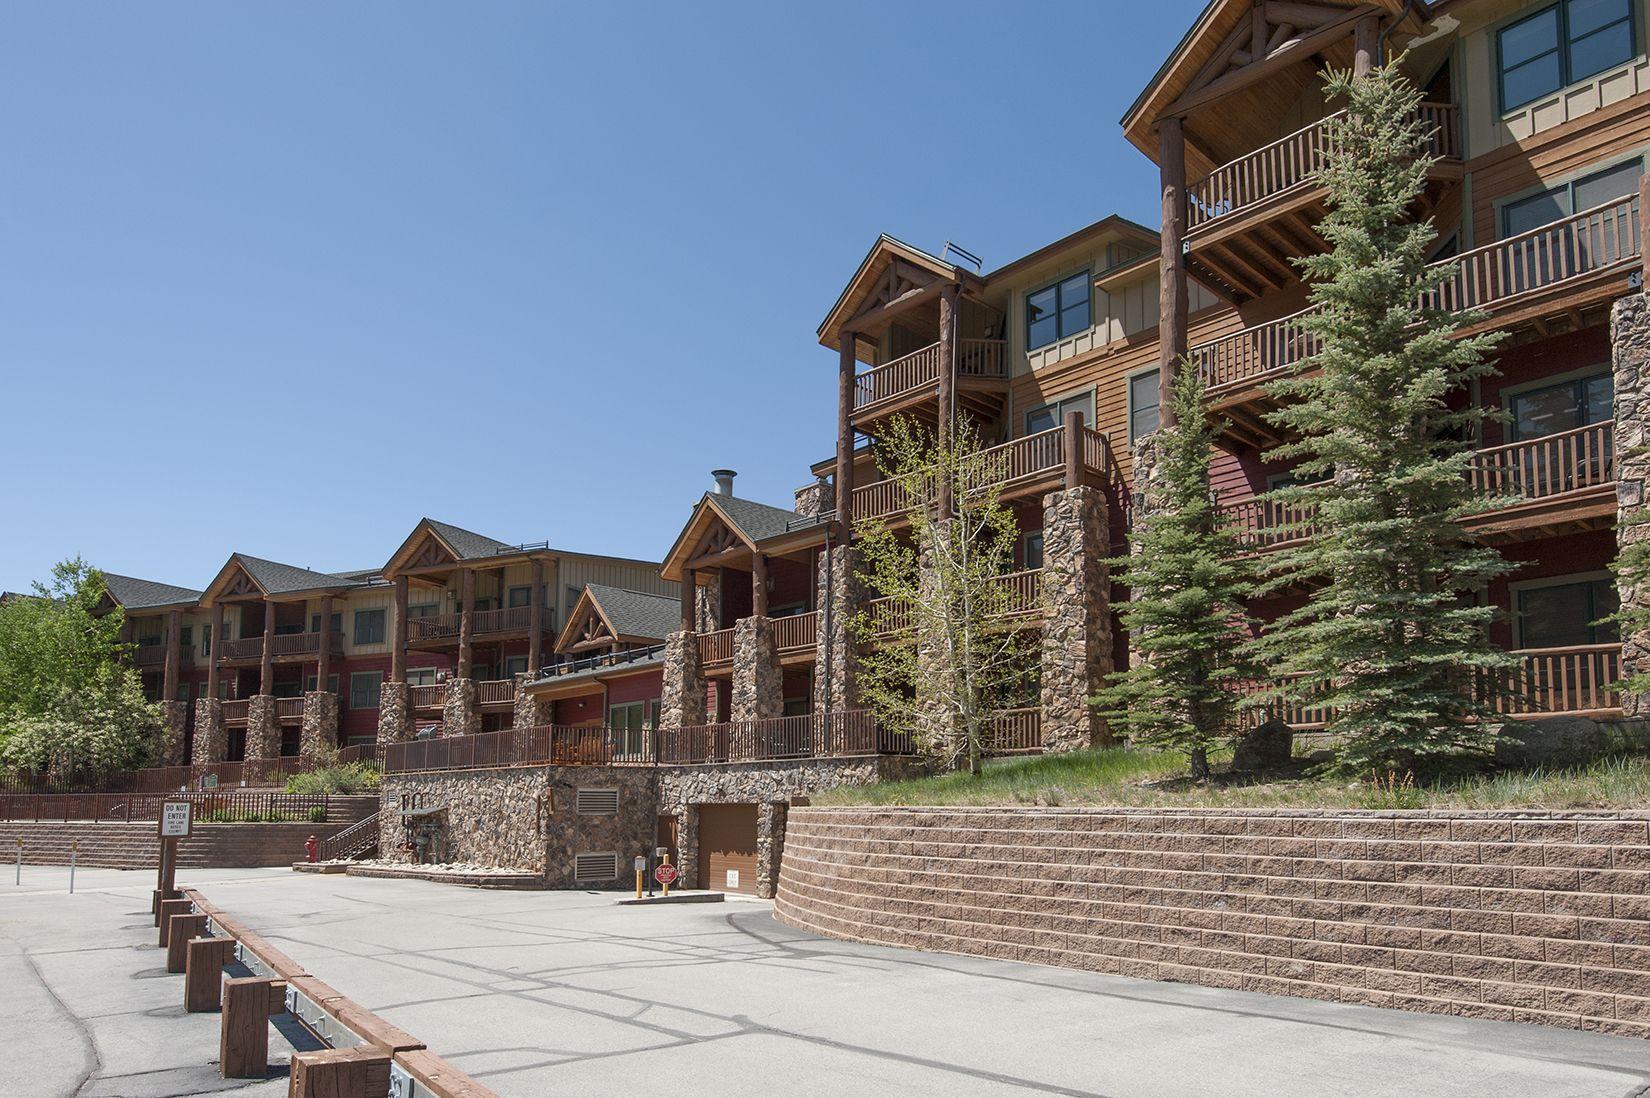 22714 Us Hwy 6 # 5943 KEYSTONE, Colorado 80435